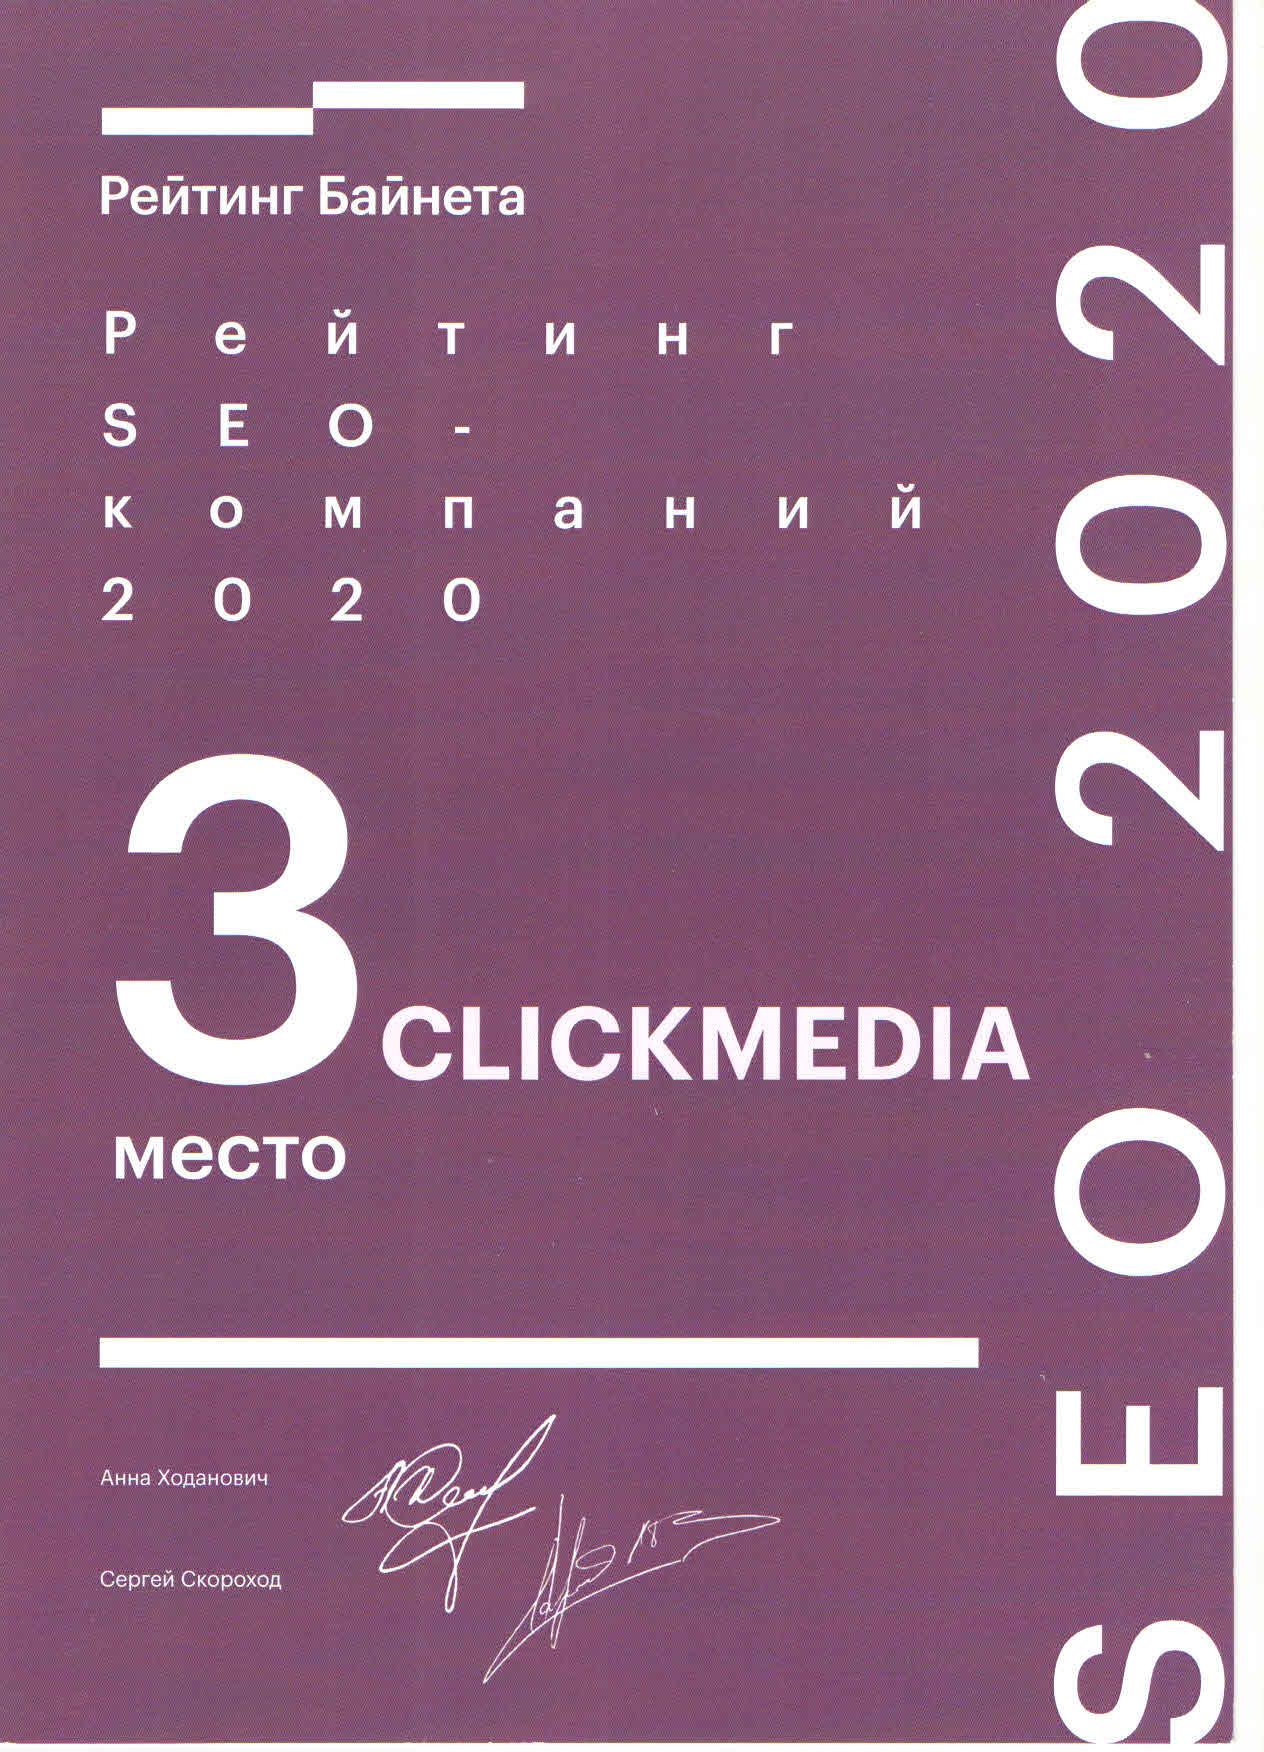 <b>3-е место</b> в рейтинге SEO-компаний Беларуси.